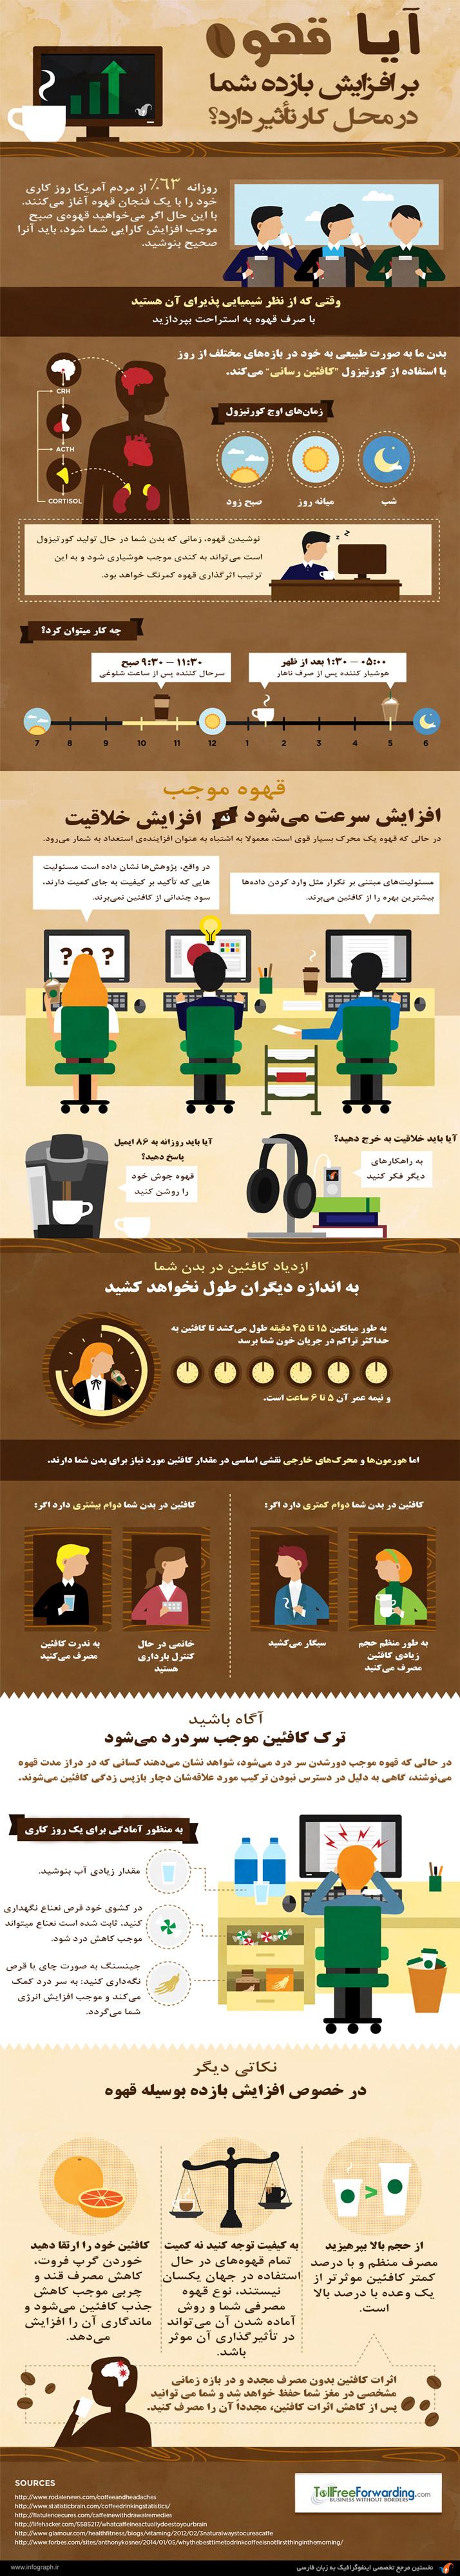 تاثیر قهوه در افزایش کارایی